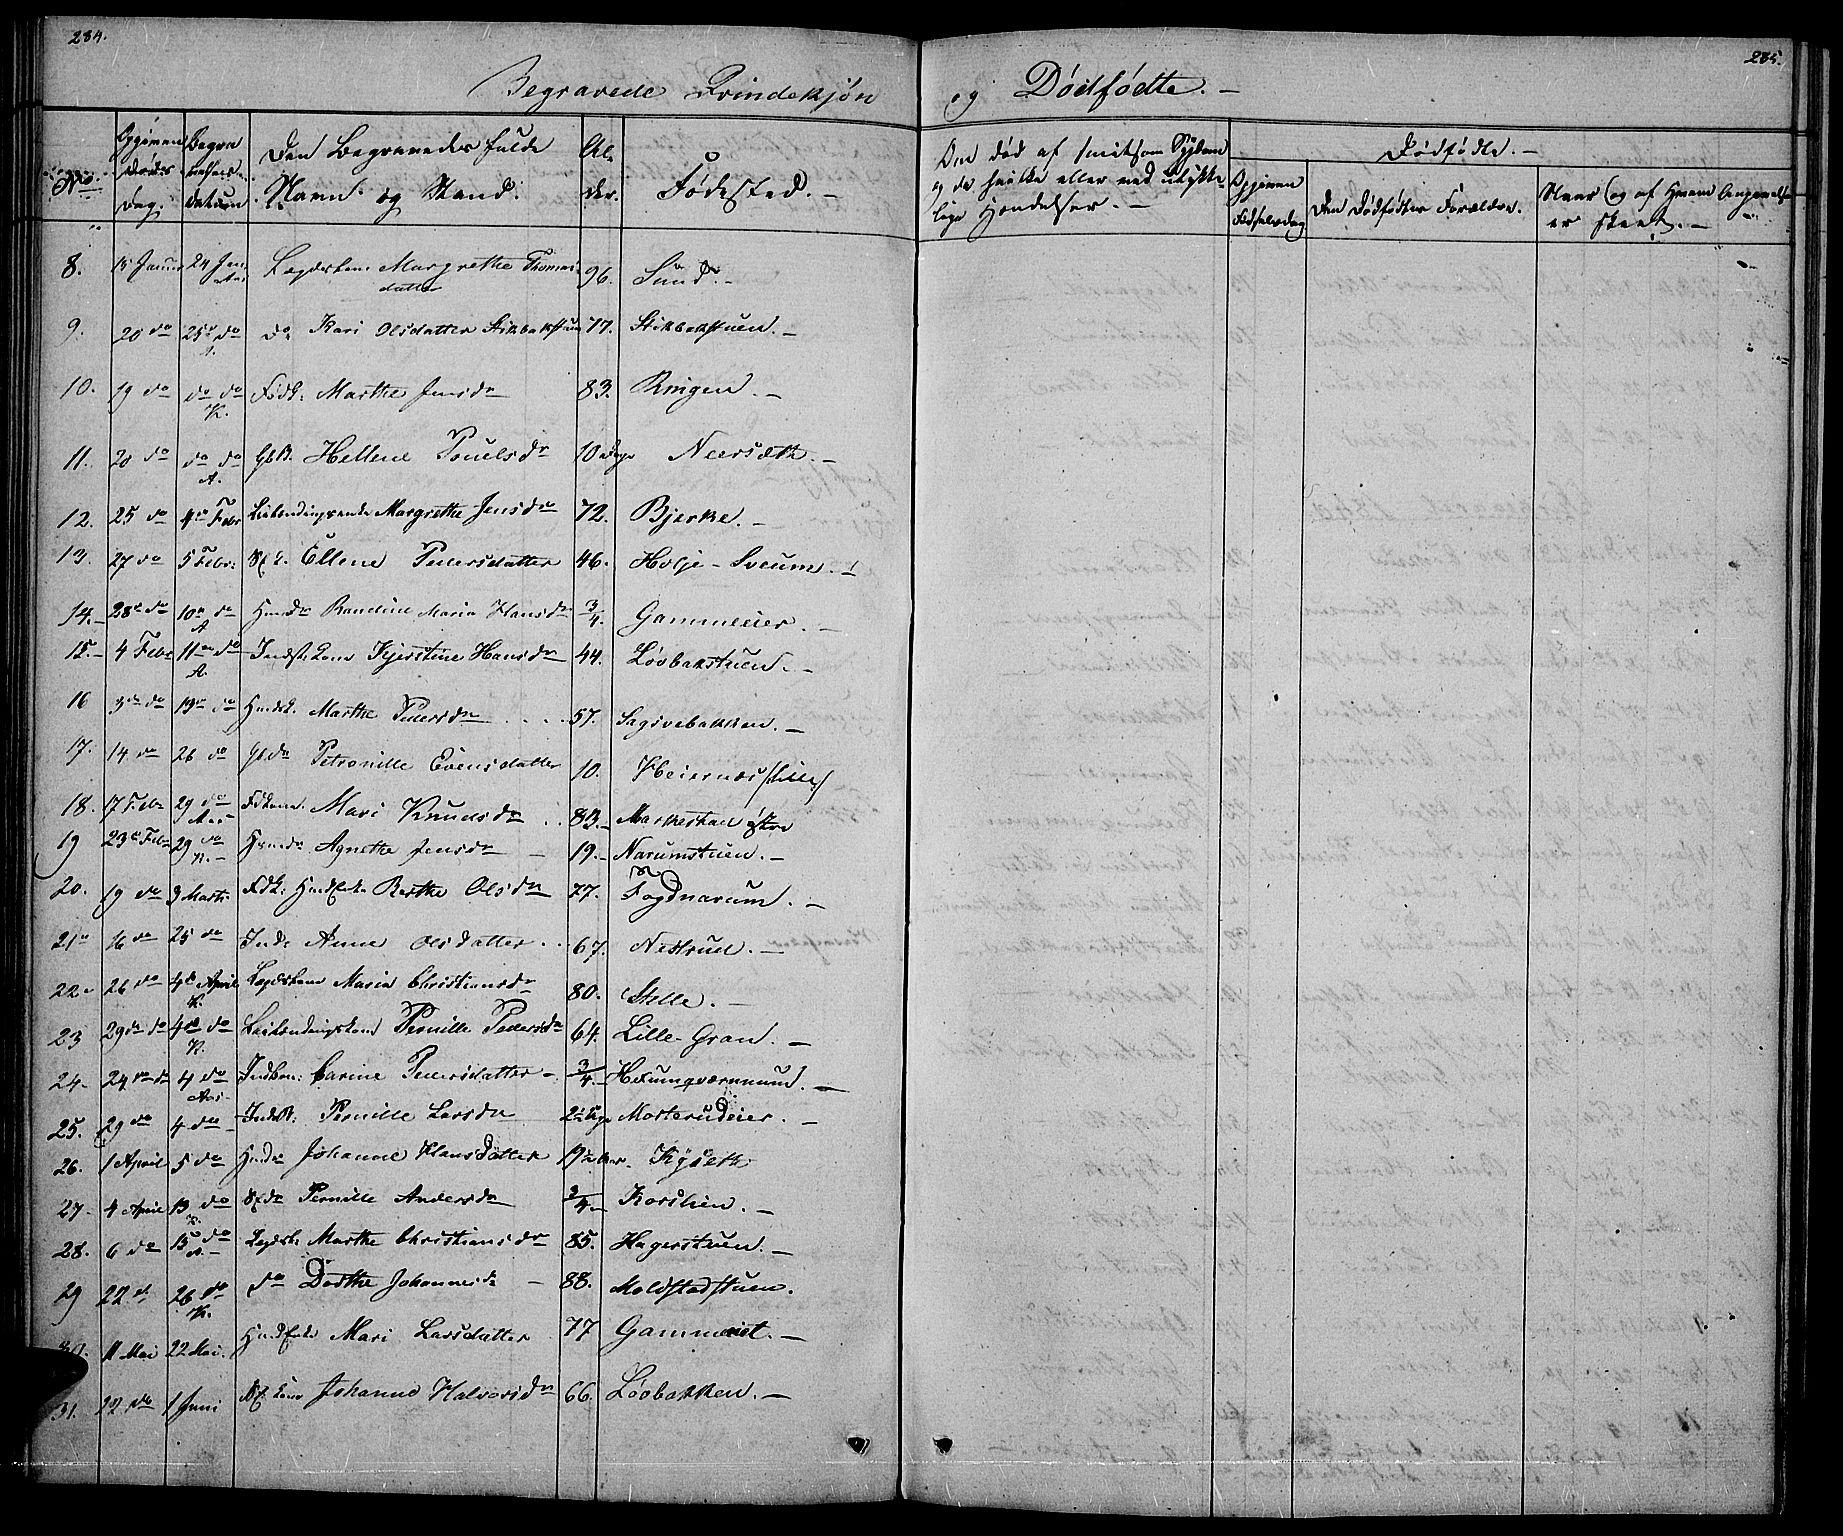 SAH, Vestre Toten prestekontor, Klokkerbok nr. 2, 1836-1848, s. 284-285